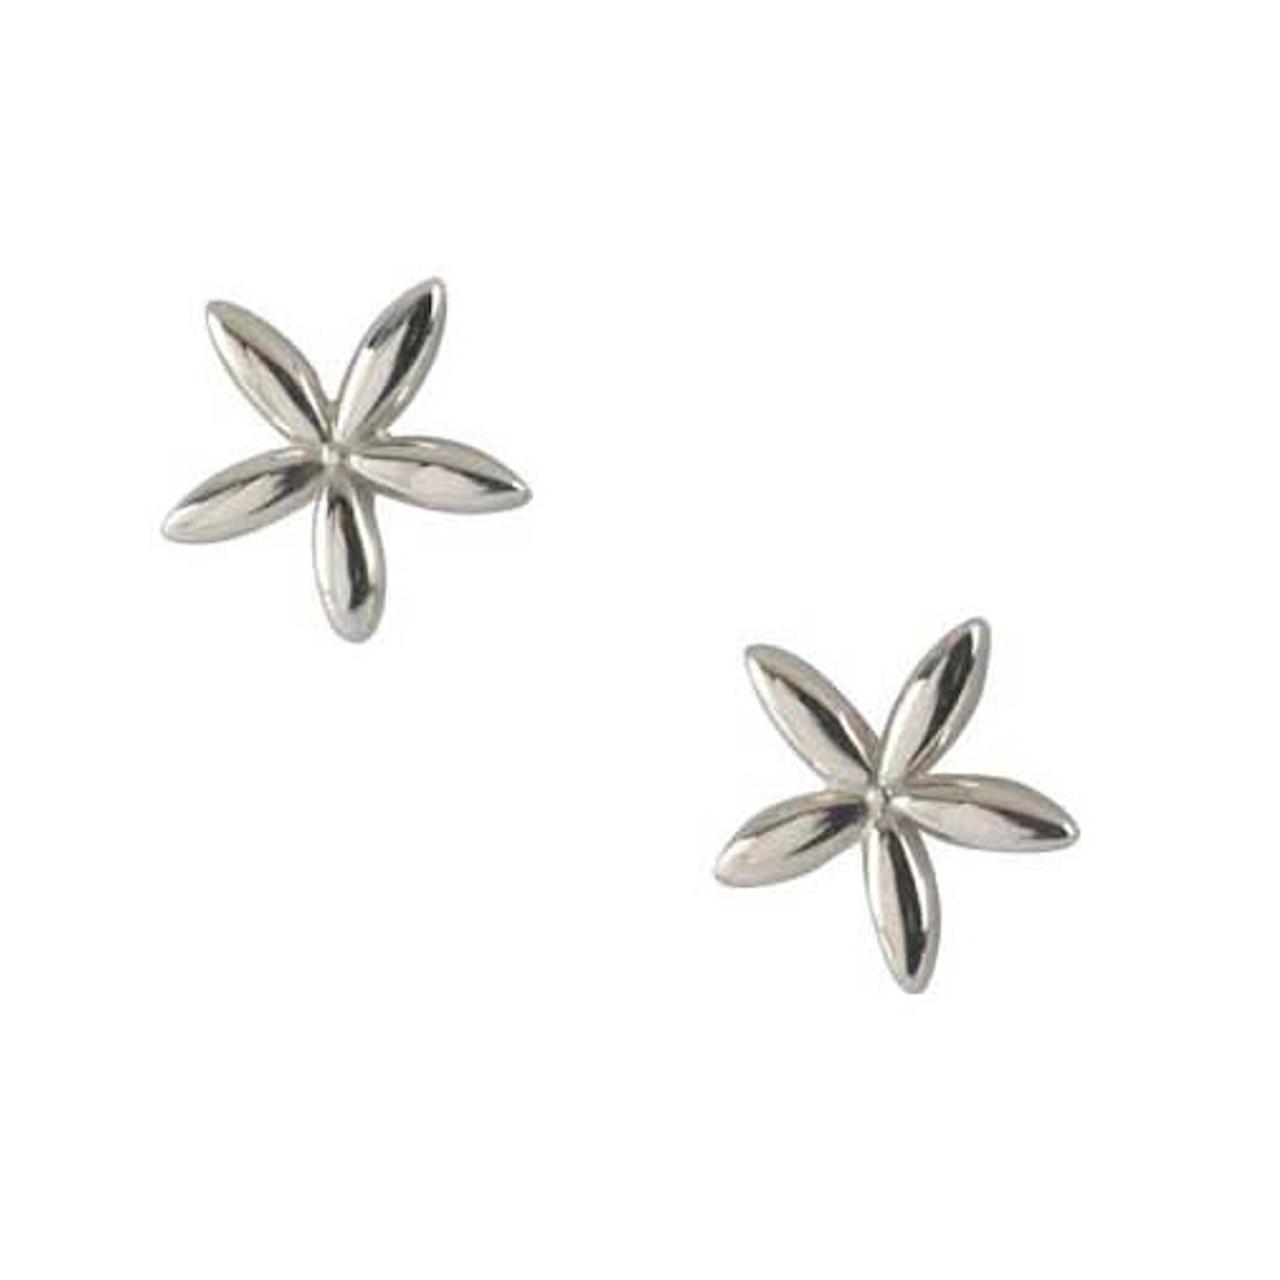 Silver flower shaped Stud Earrings